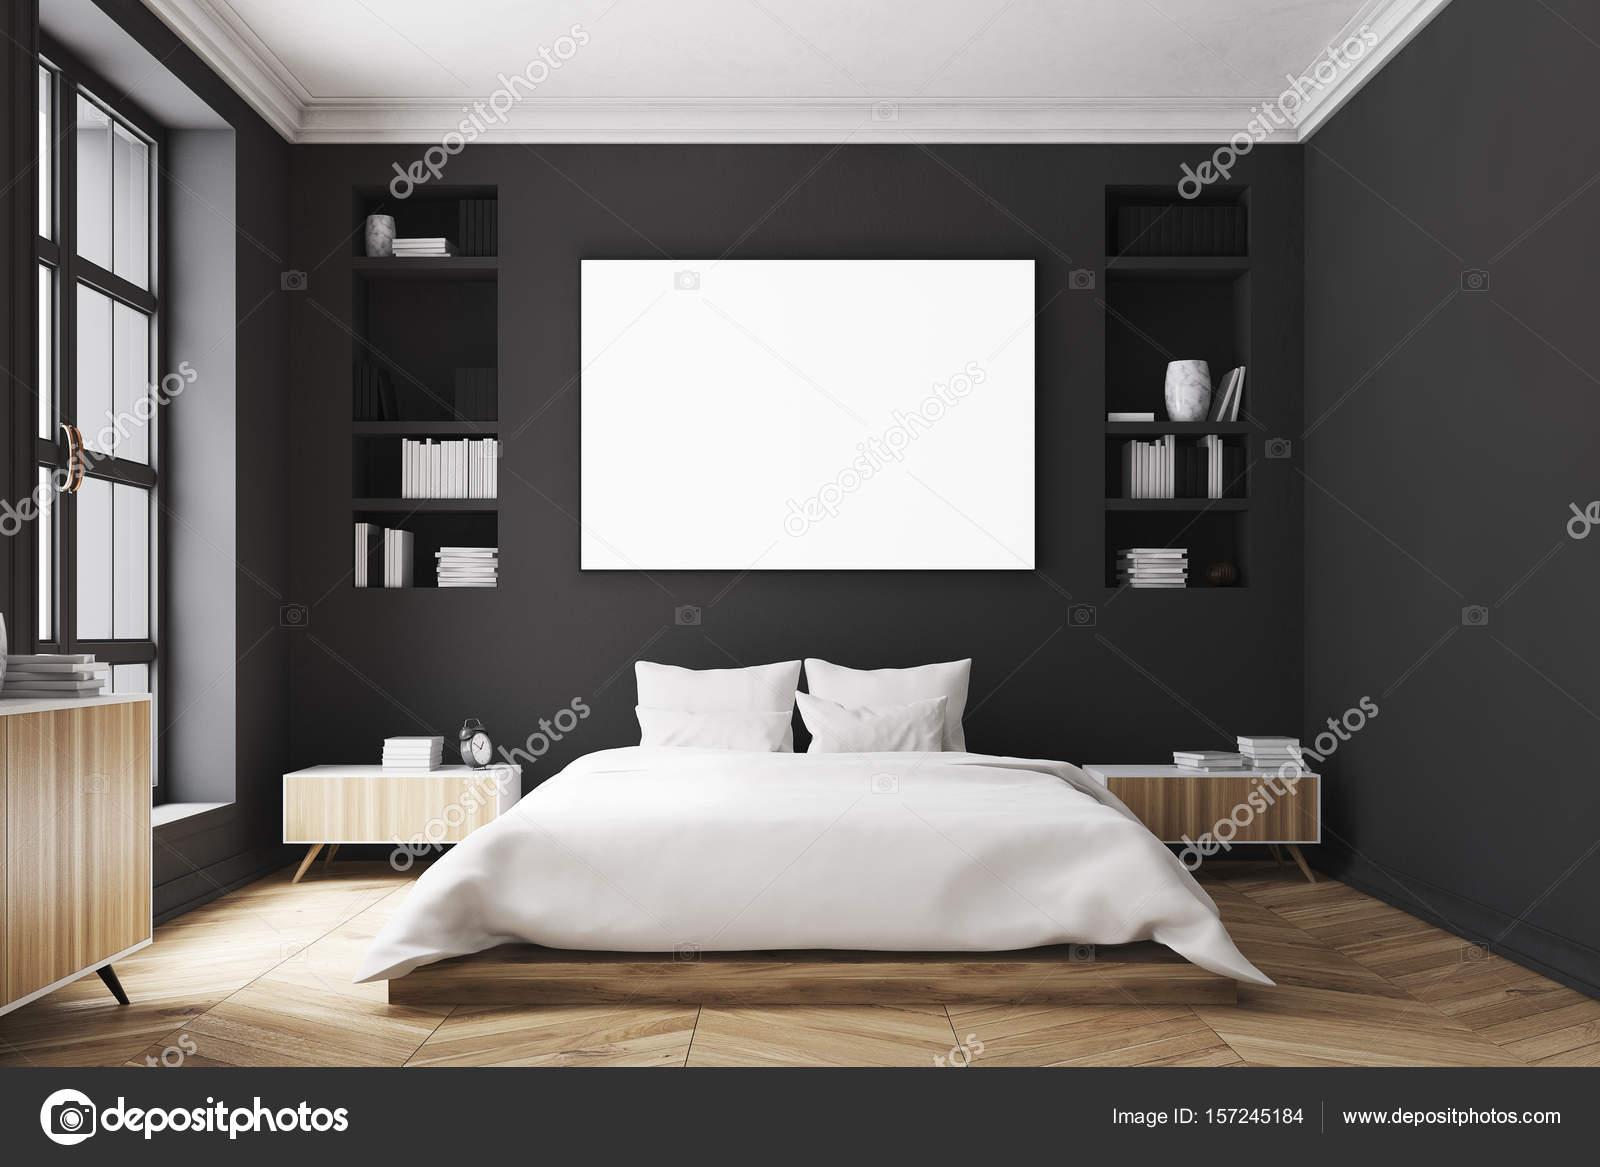 Negro cartel interior, dormitorio, frente — Foto de stock ...